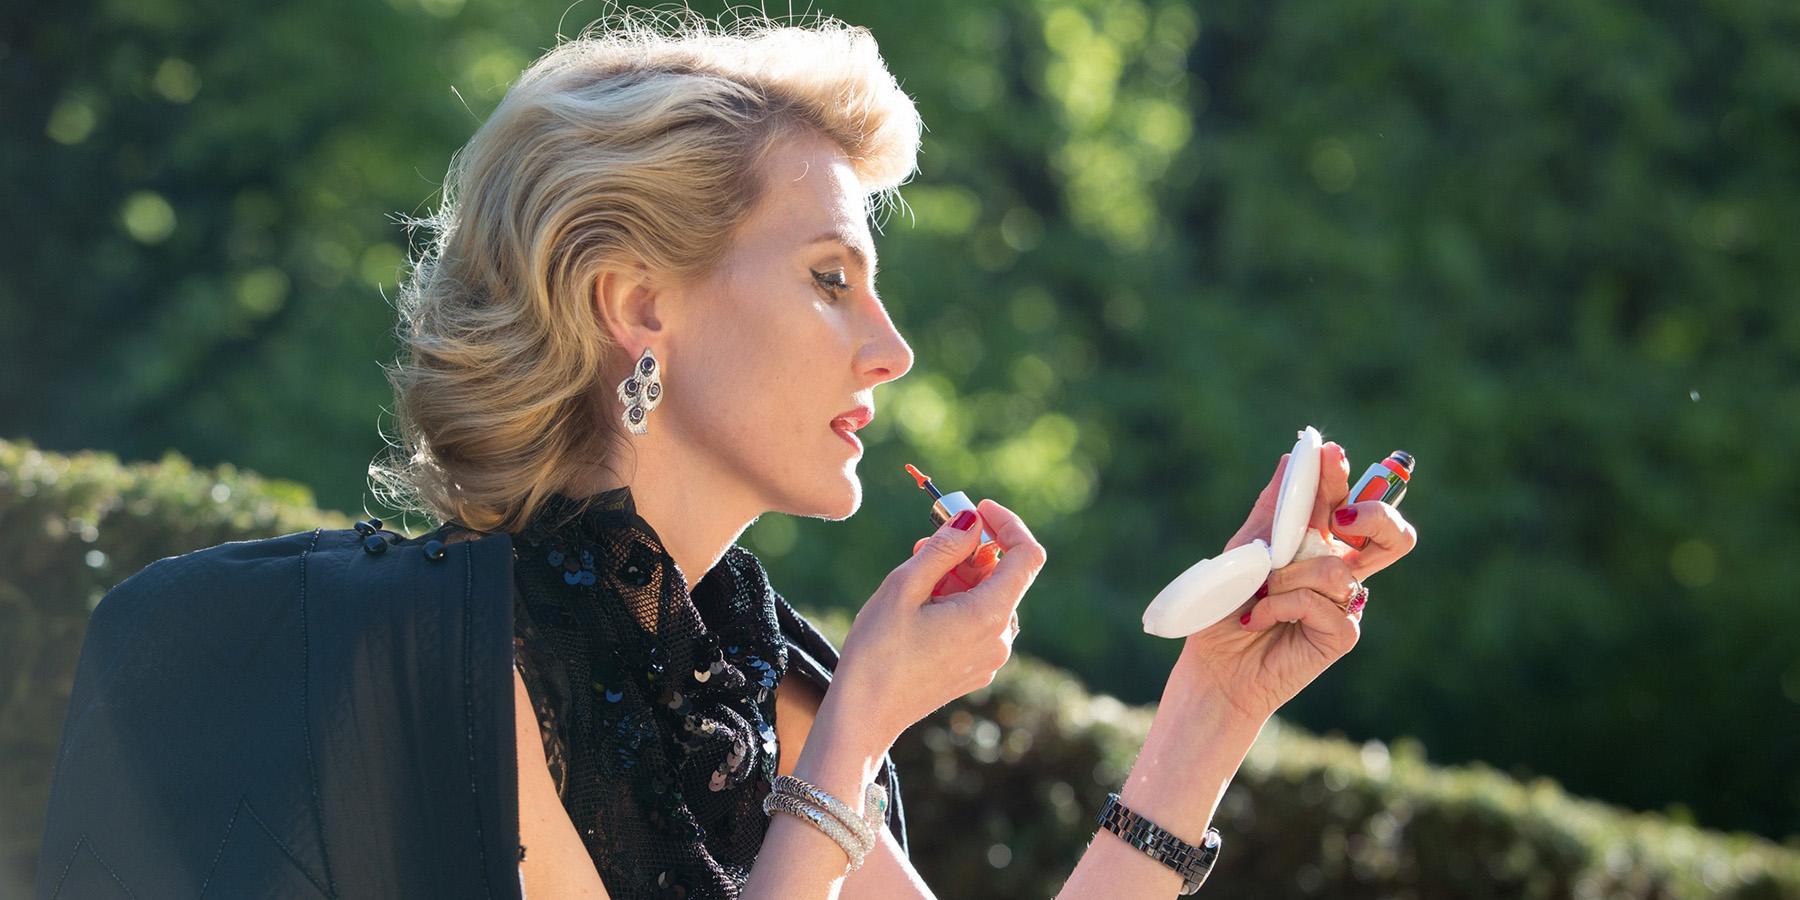 Рената Литвинова: секреты красоты сценариста, режиссера и кинодивы